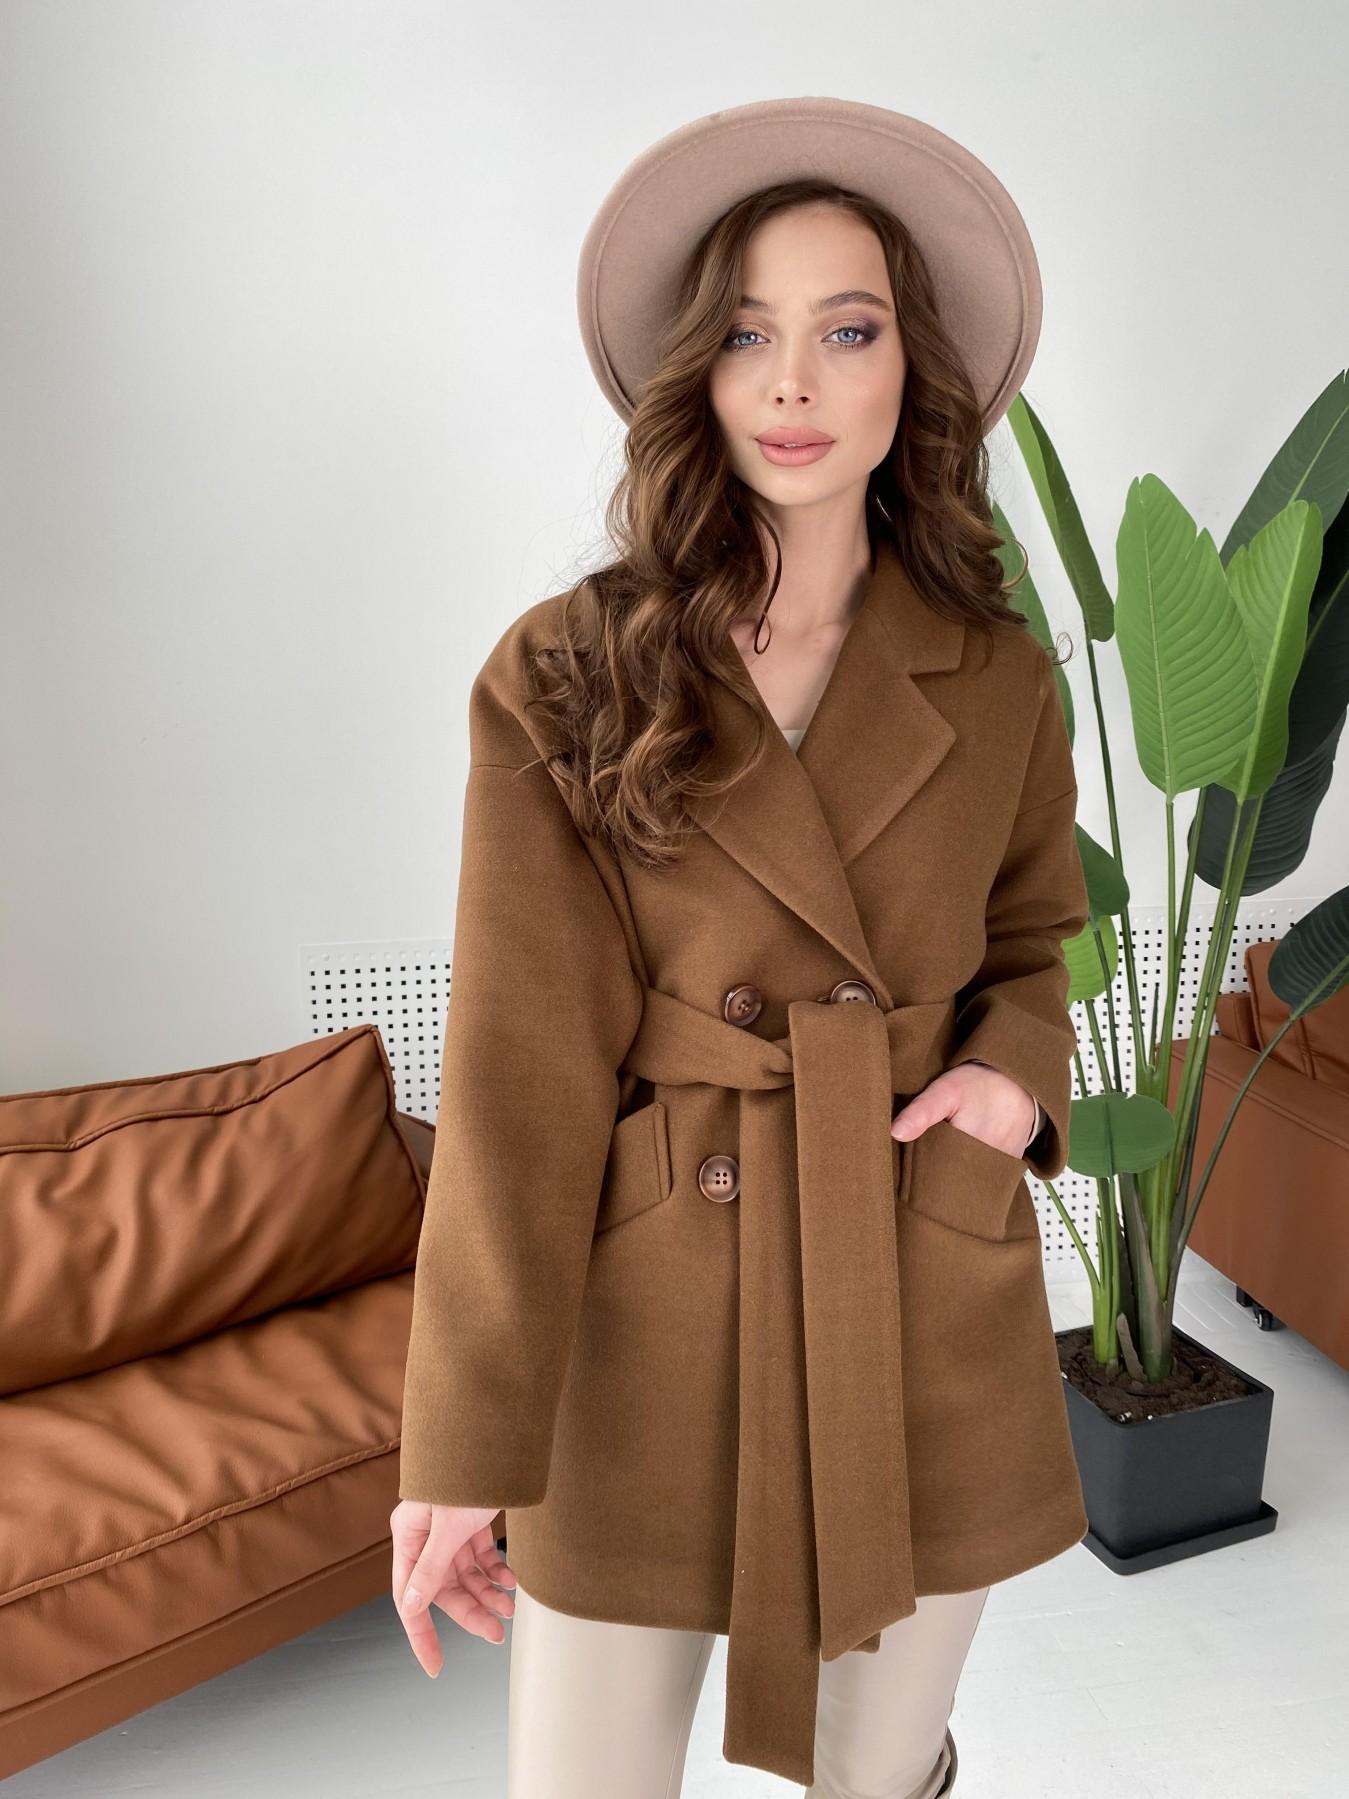 Купить пальто демисезонное от Modus Бонд пальто кашемировое на трикотаже 10642